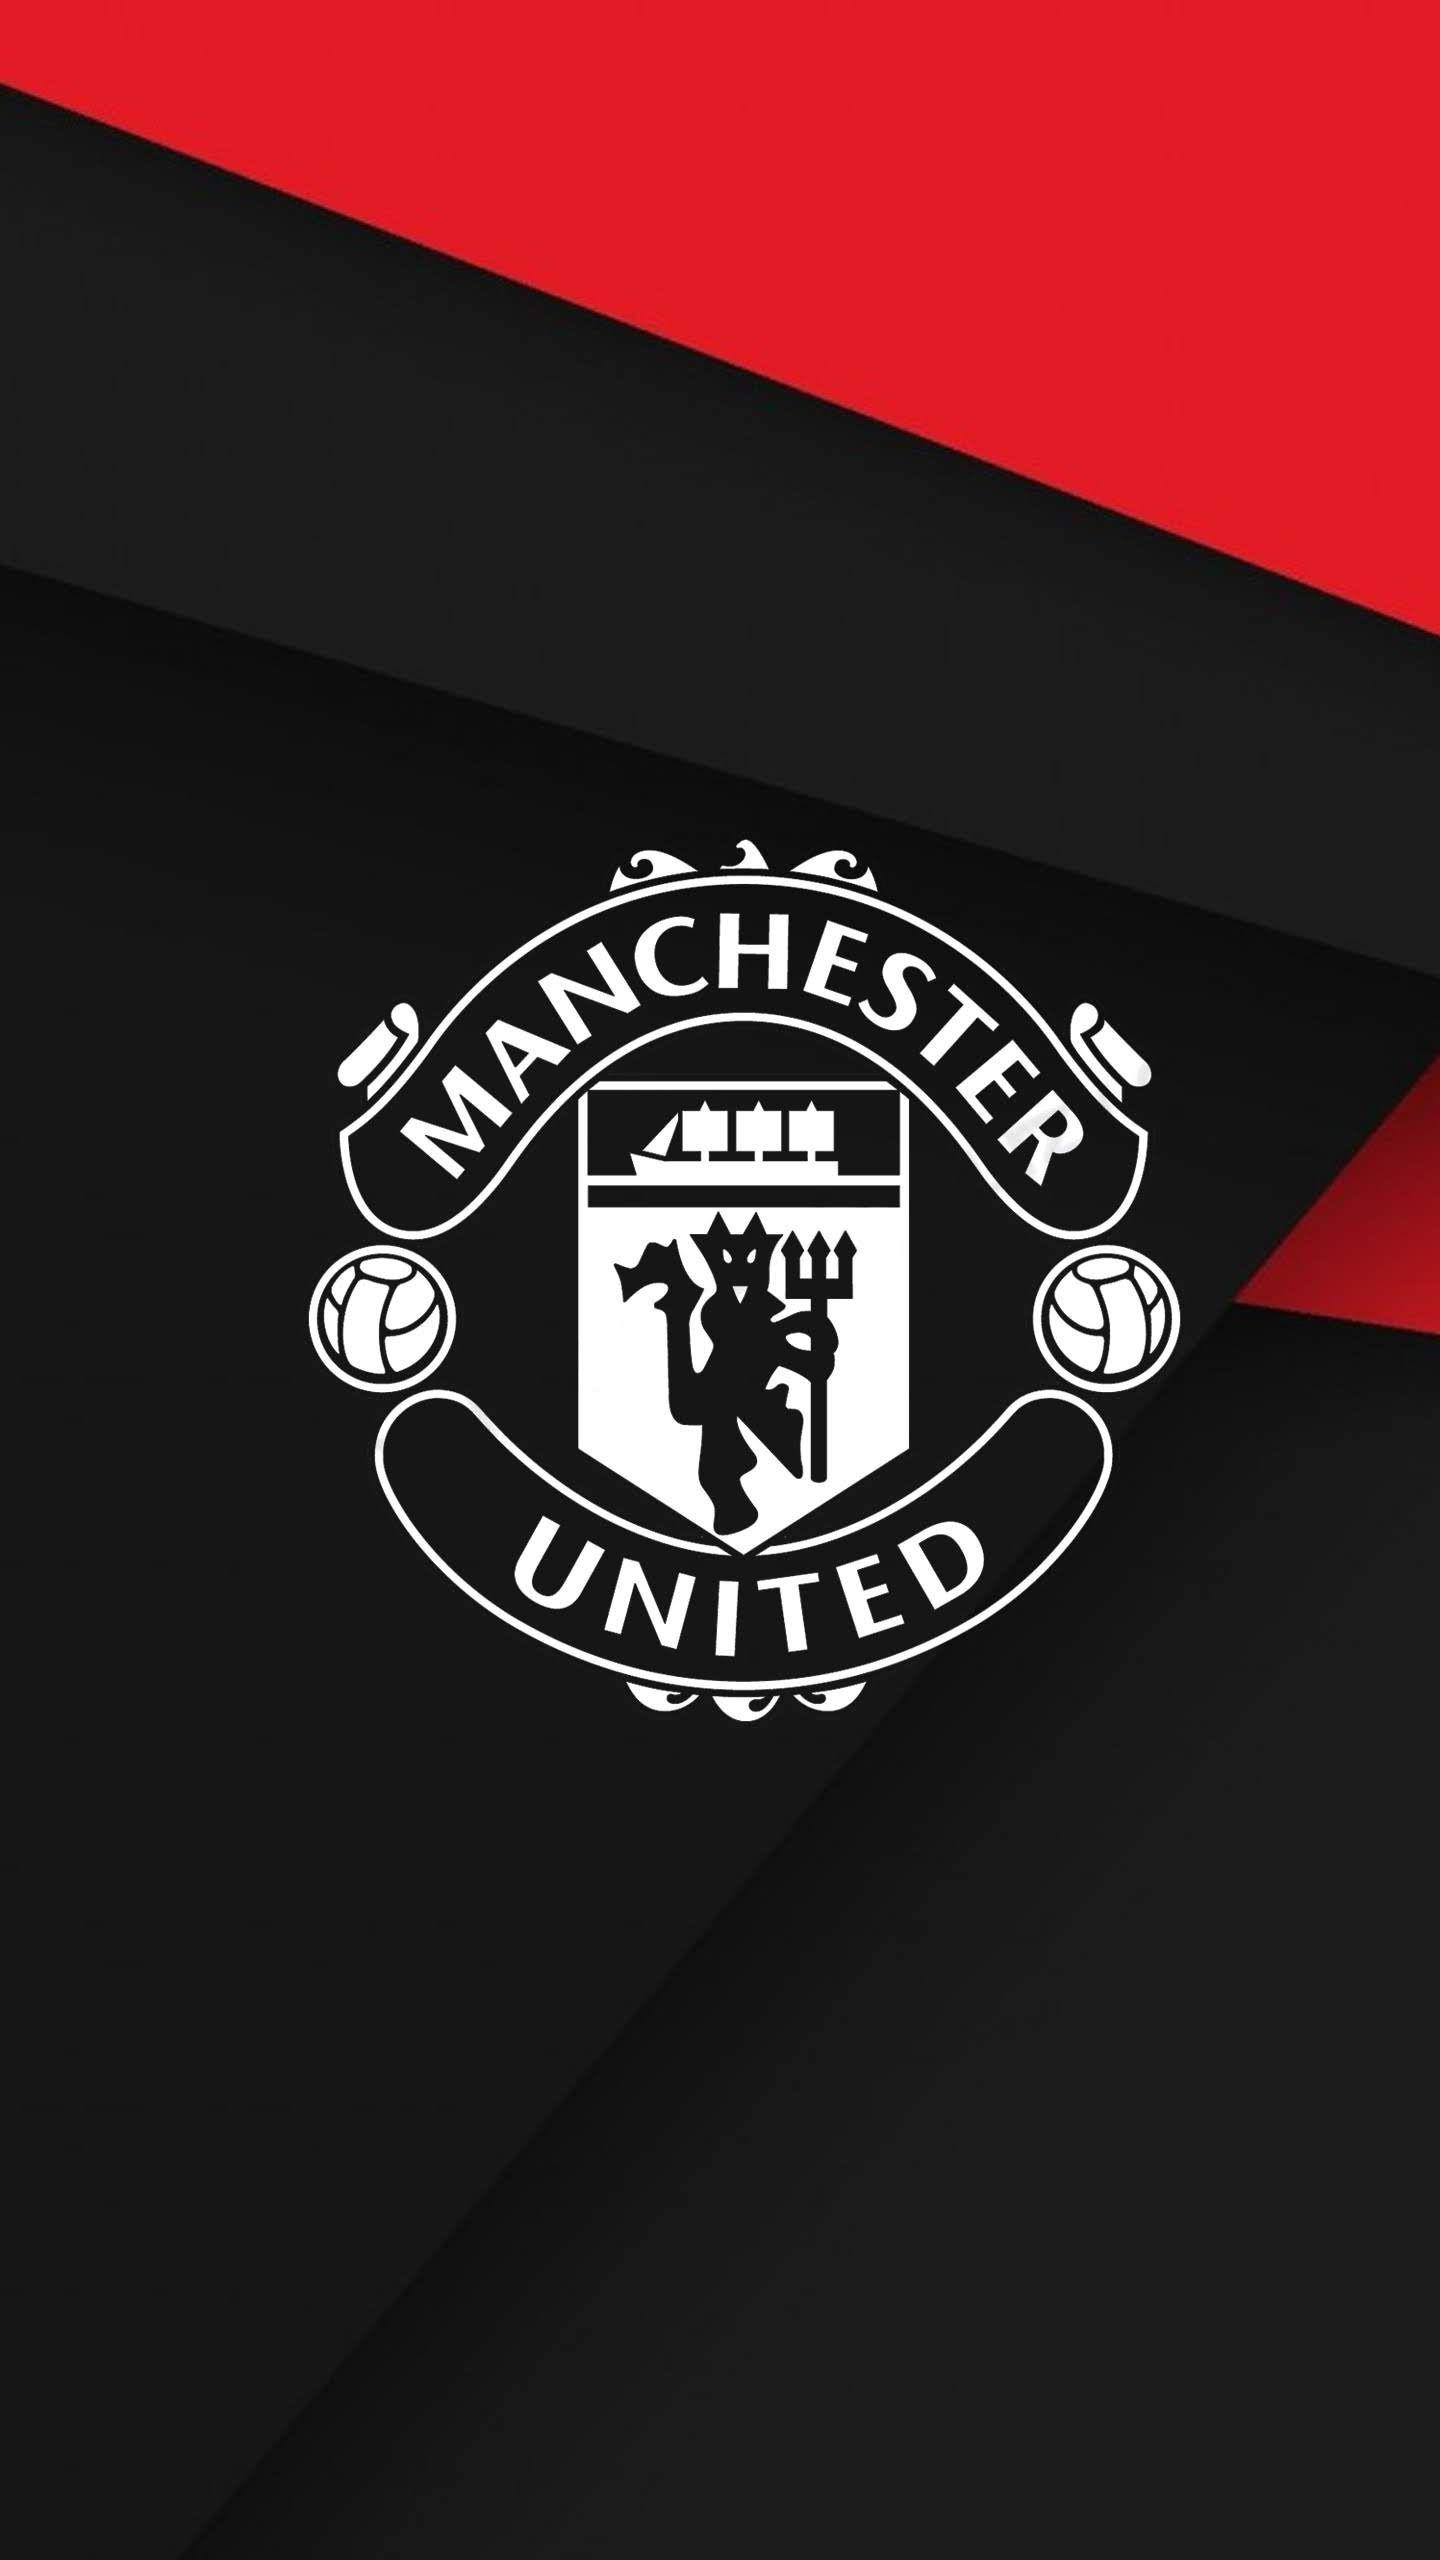 Hinh Nền Manchester United Hd Chủ đề Bong đa Laginate Manchester United Logo Manchester United Fans Manchester United Wallpaper